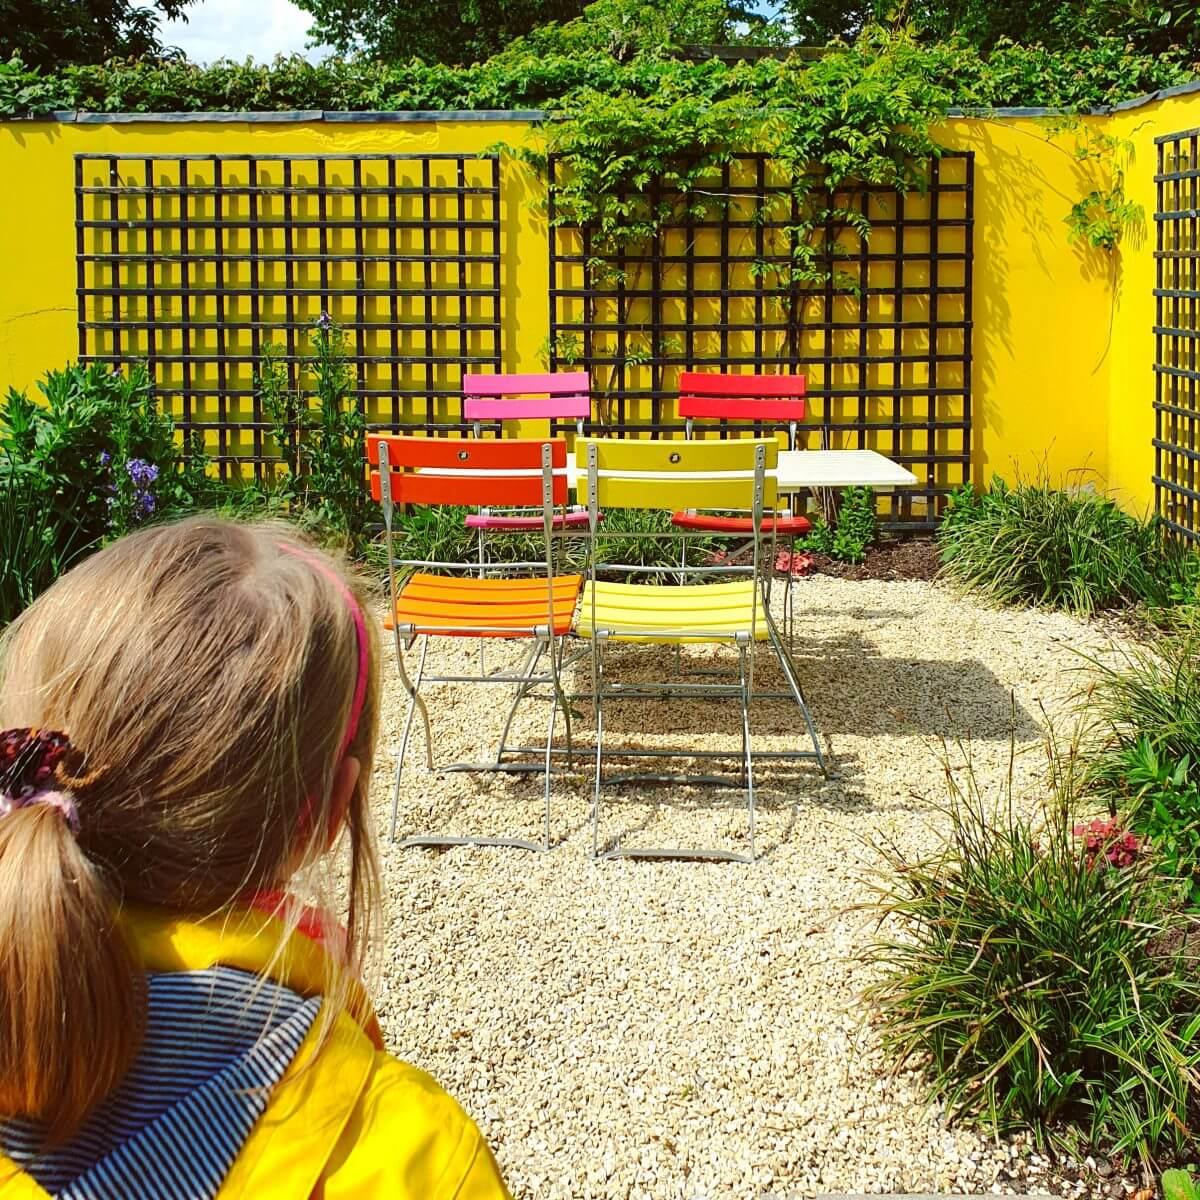 kleur in een kindvriendelijke tuin met een geverfde muur, schutting, tuinhuisje of schuur